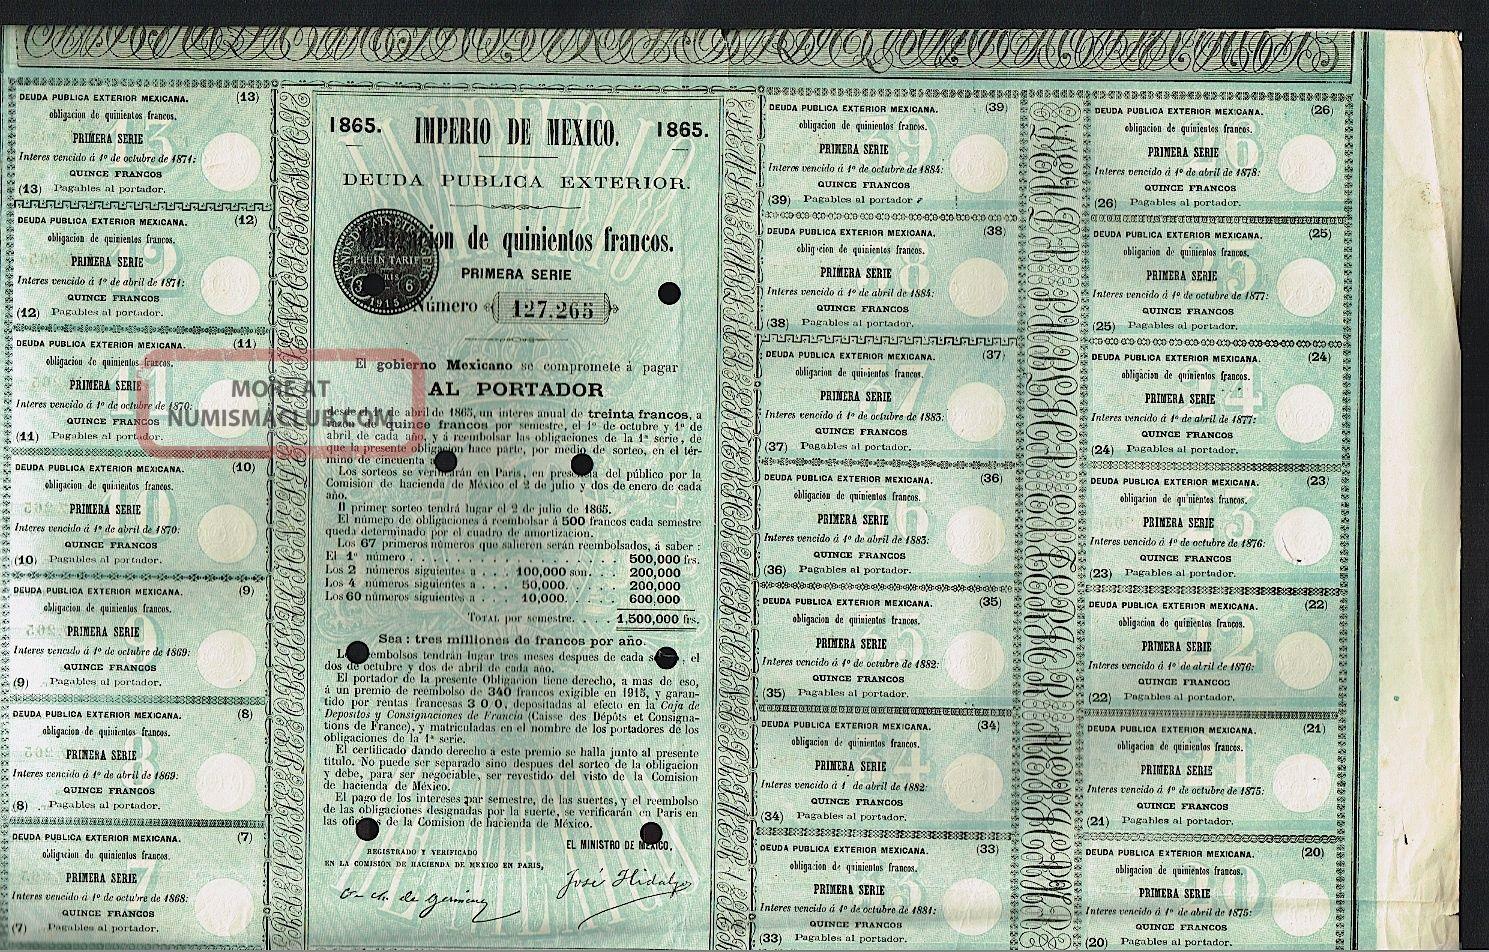 Mexico 1865 Imperio De Mexico Dueda Pública Interior Obligación De 500 Francos Stocks & Bonds, Scripophily photo